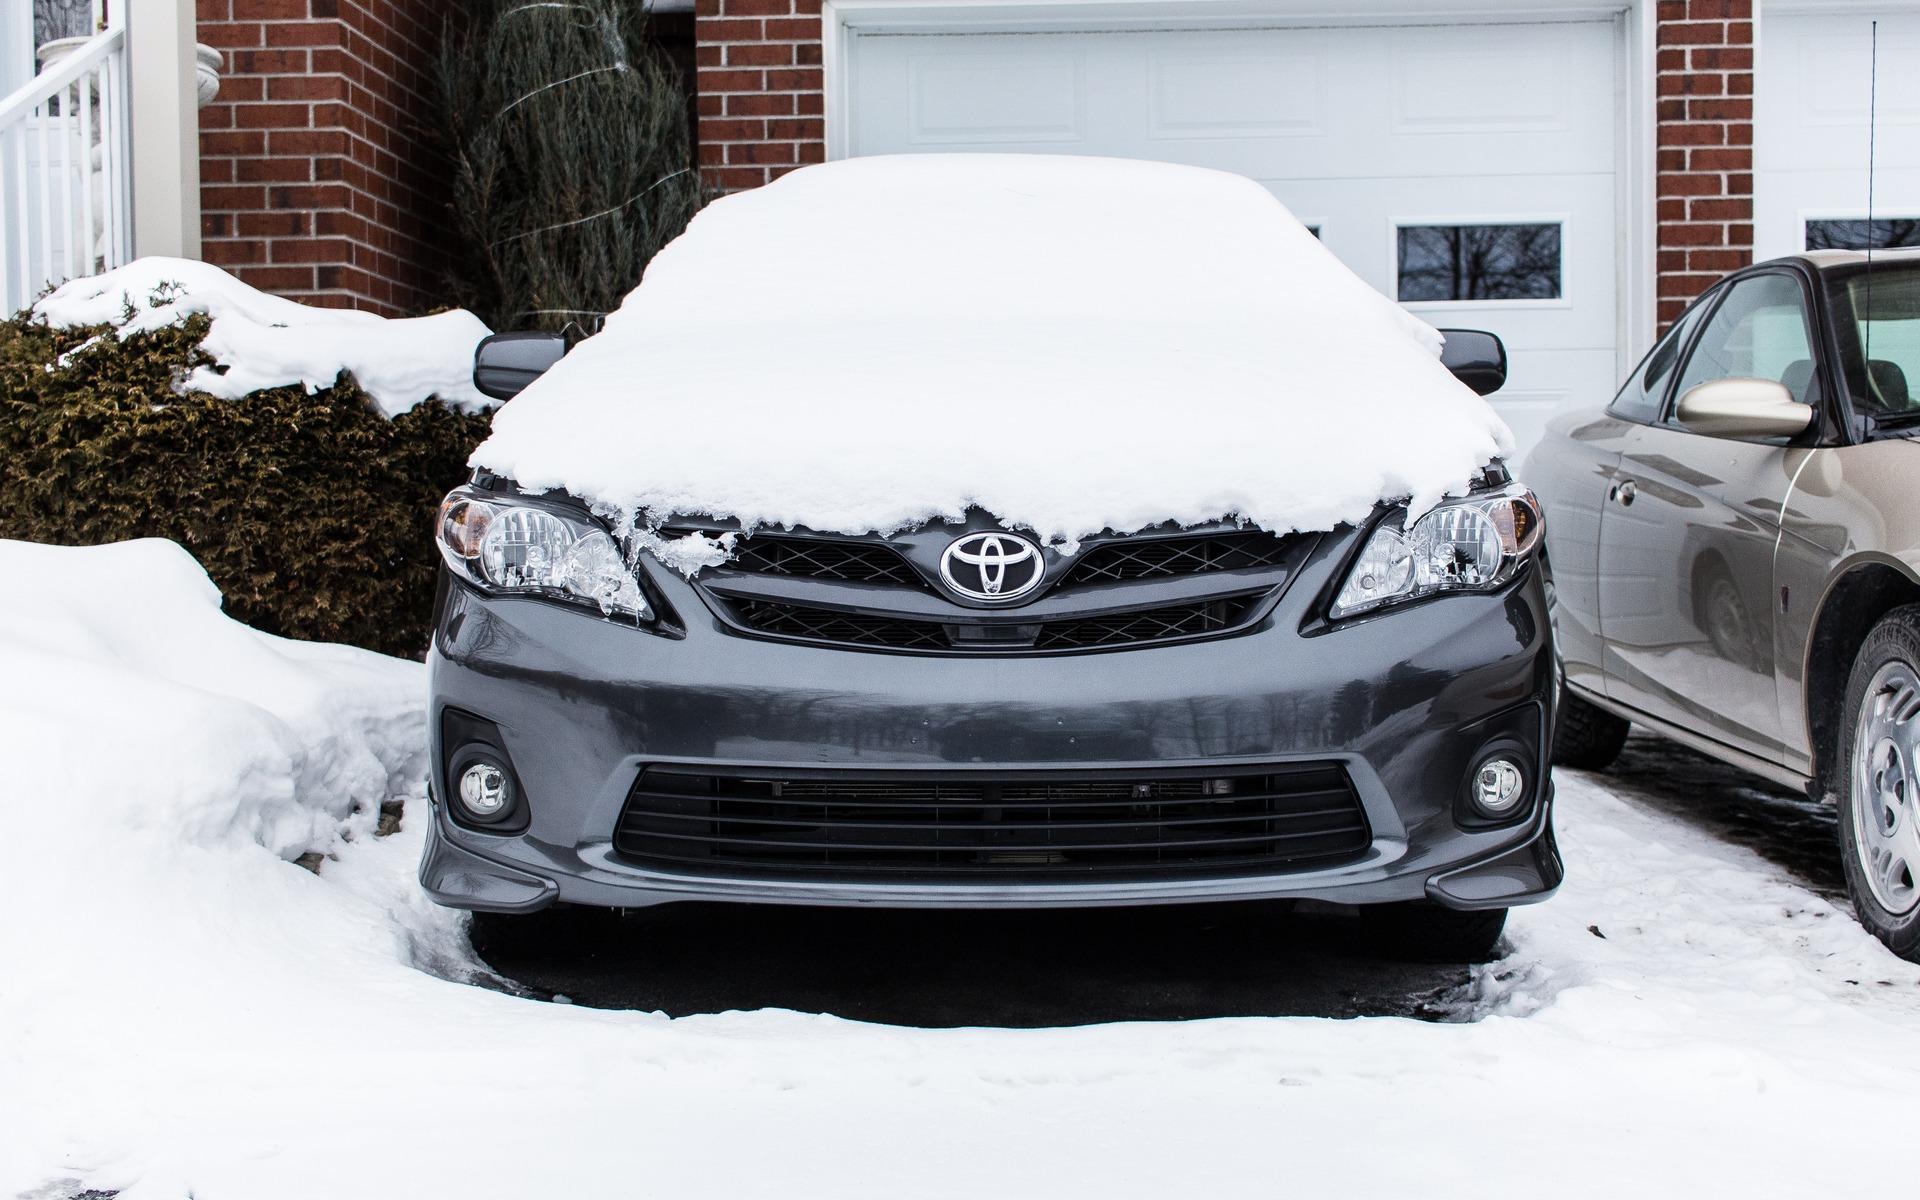 La voiture dans le garage l hiver ou non guide auto for Garage auto l union